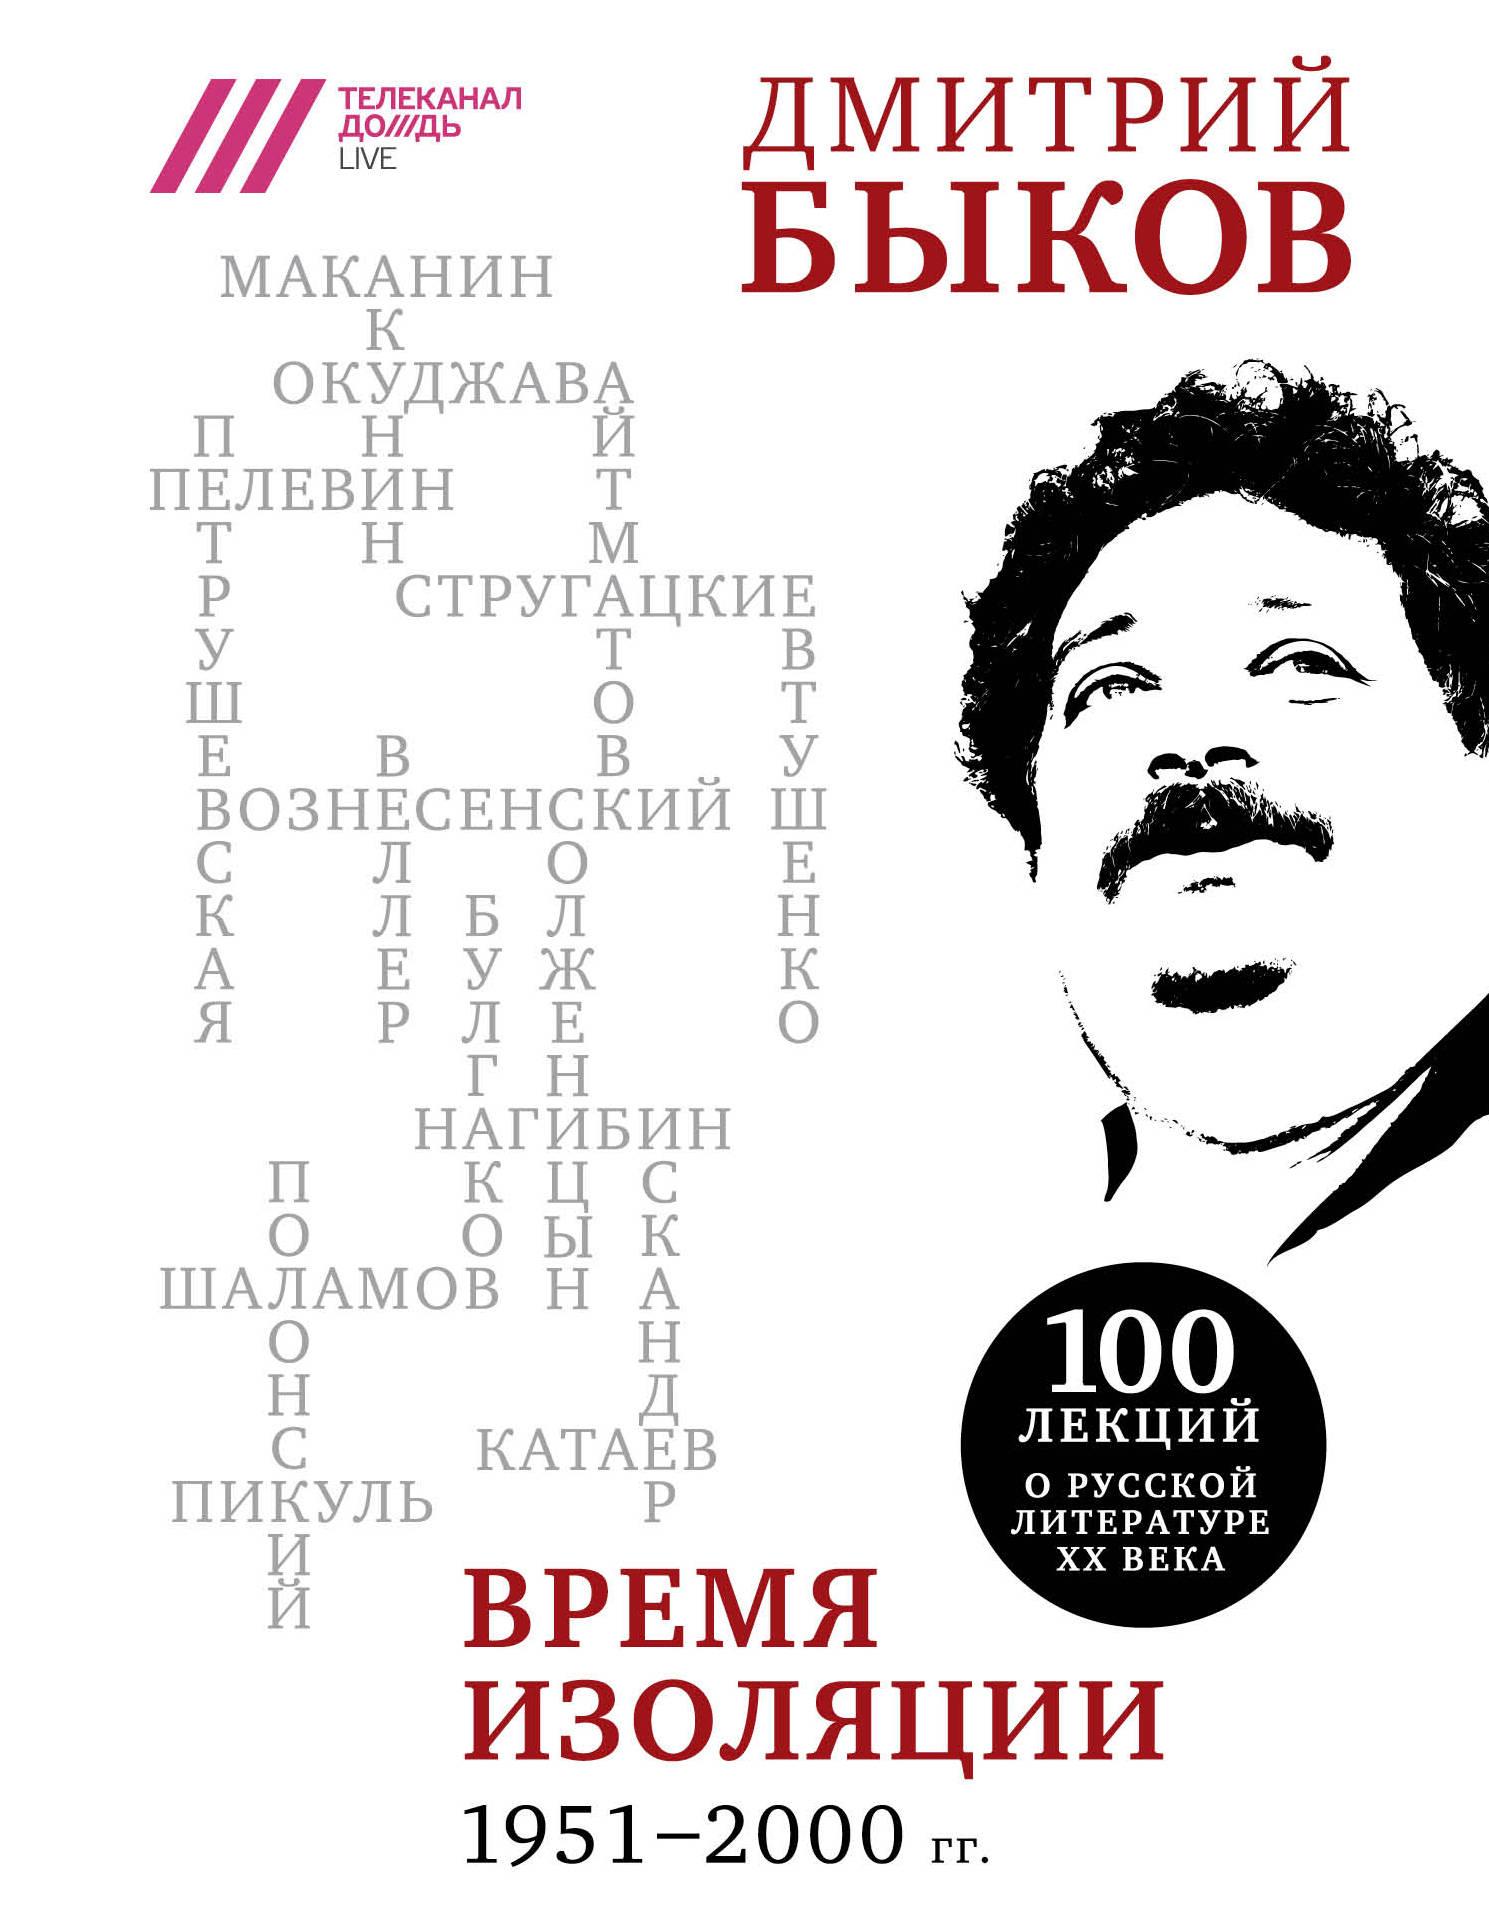 Дмитрий Быков Время изоляции. 1951-2000 гг.